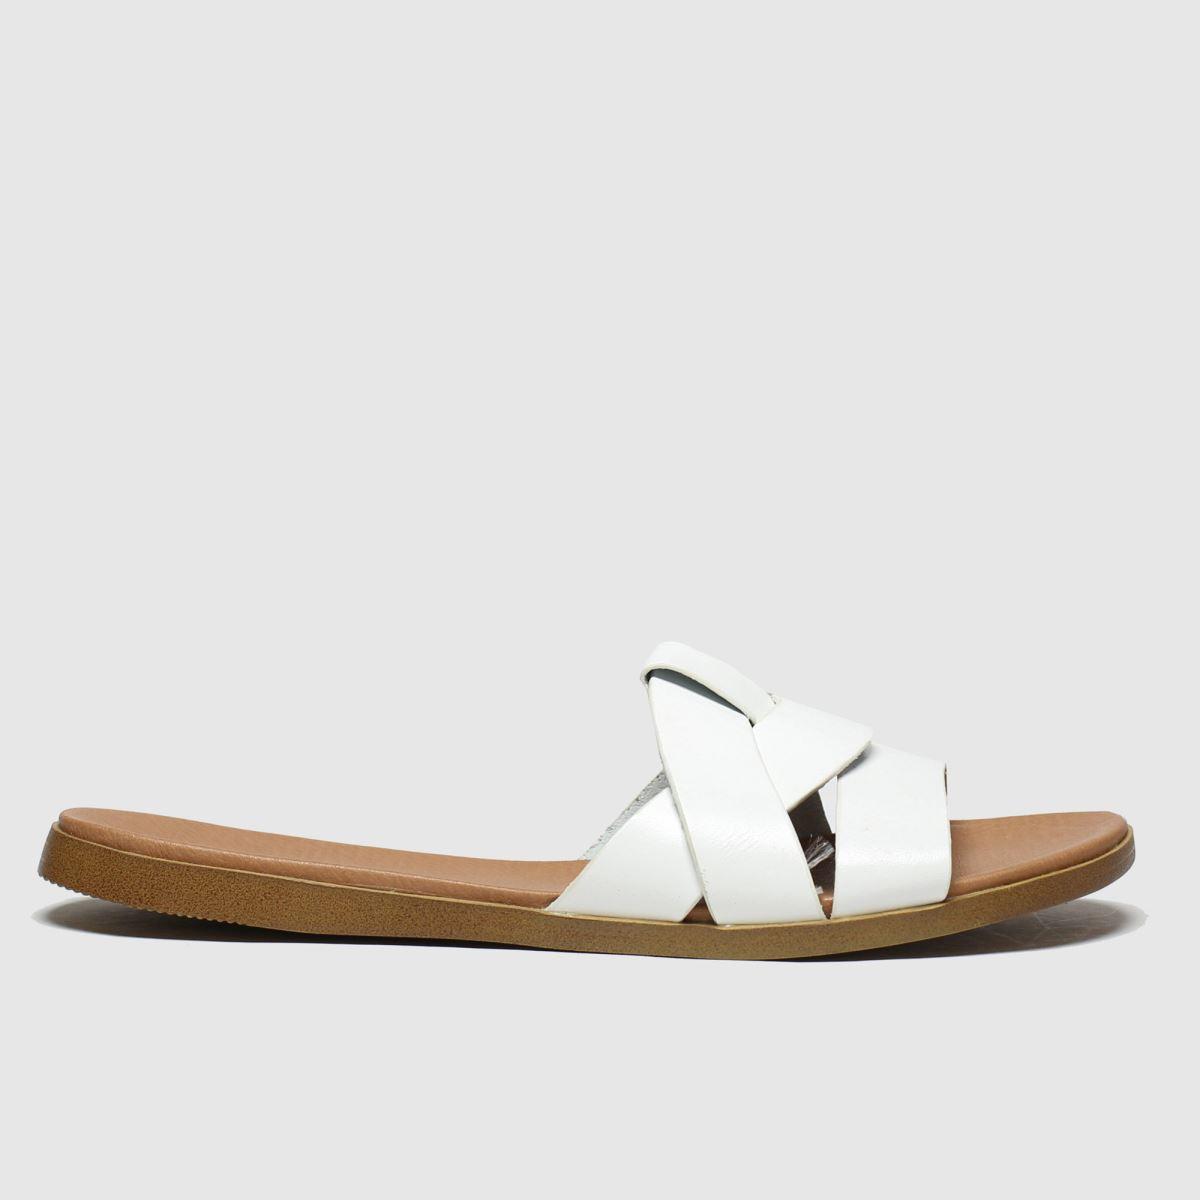 schuh Schuh White Geneva Sandals